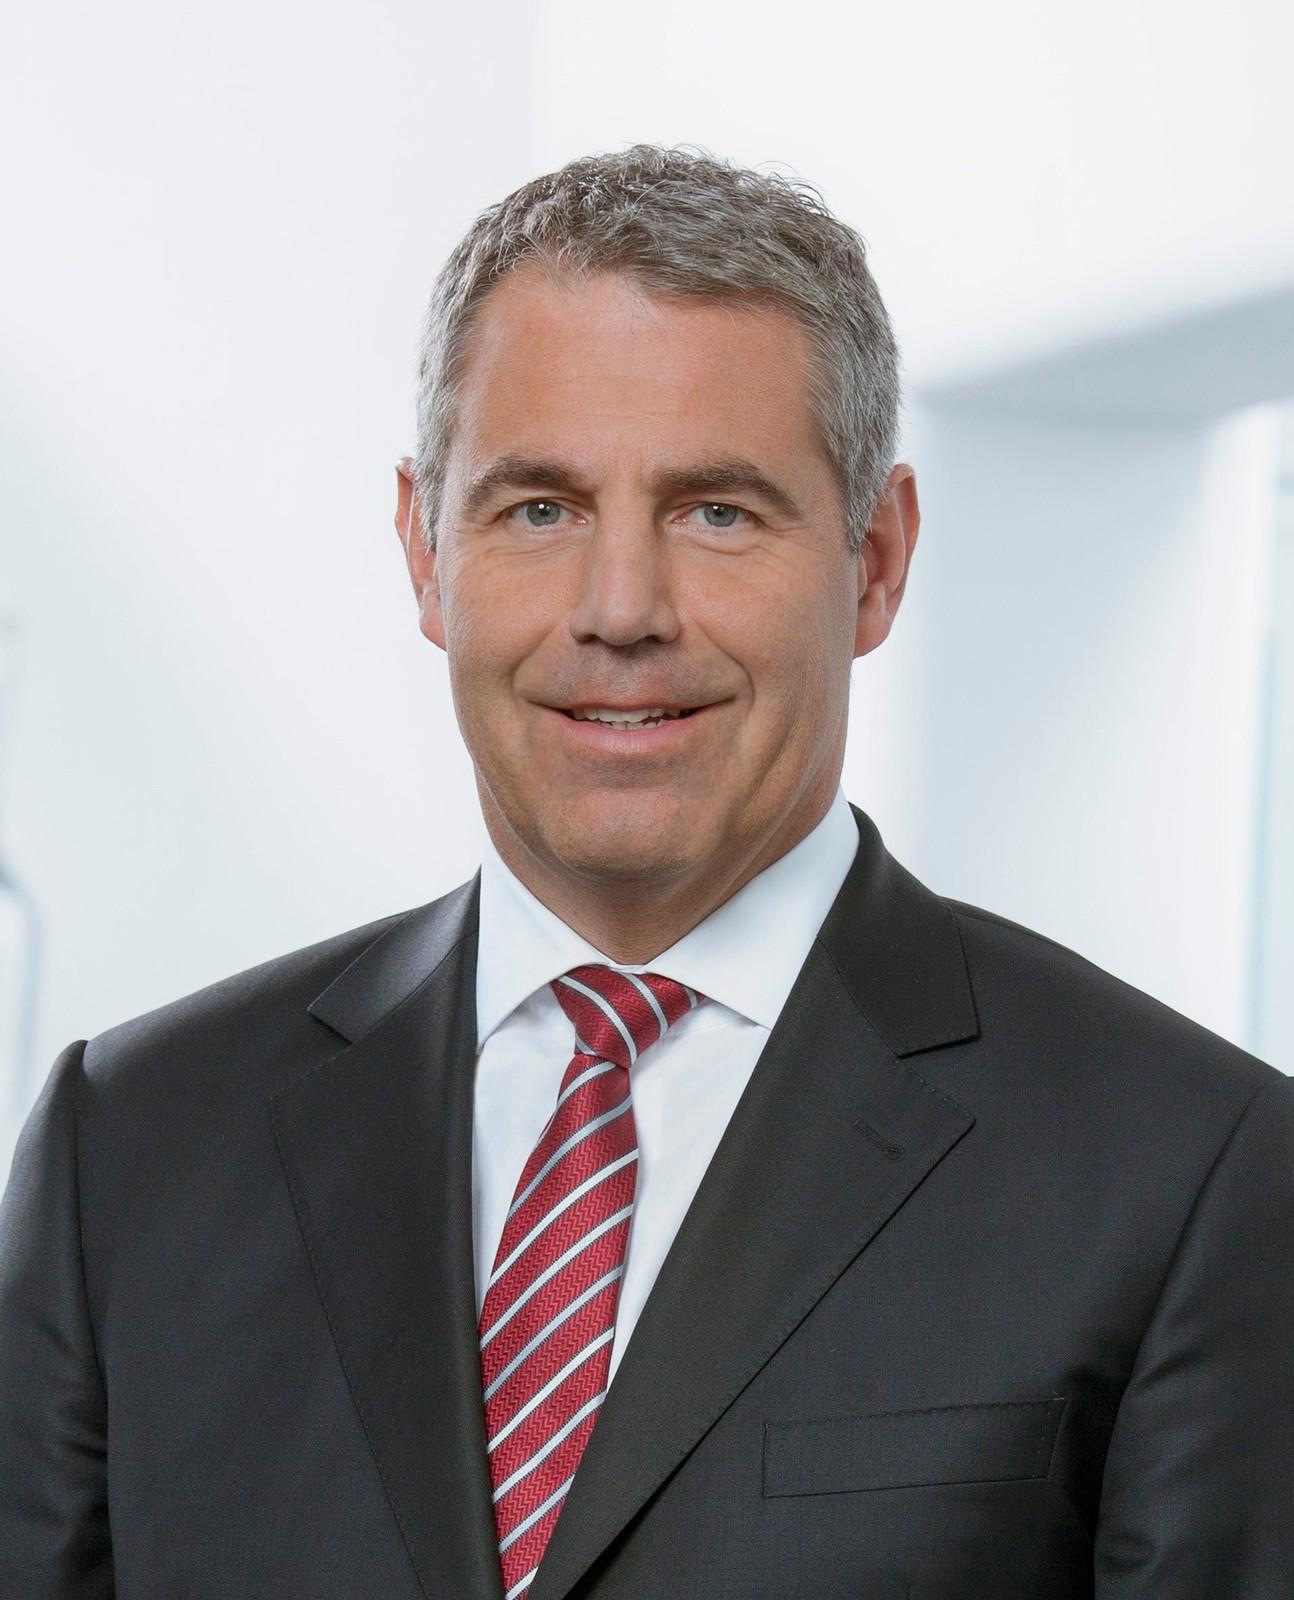 Stefan Klebert, wird seinen Vertrag nicht verlängern und scheidet einvernehmlich zum Ablauf des 24. April 2018, dem Tag der ordentlichen Hauptversammlung 2018, aus der Gesellschaft aus.